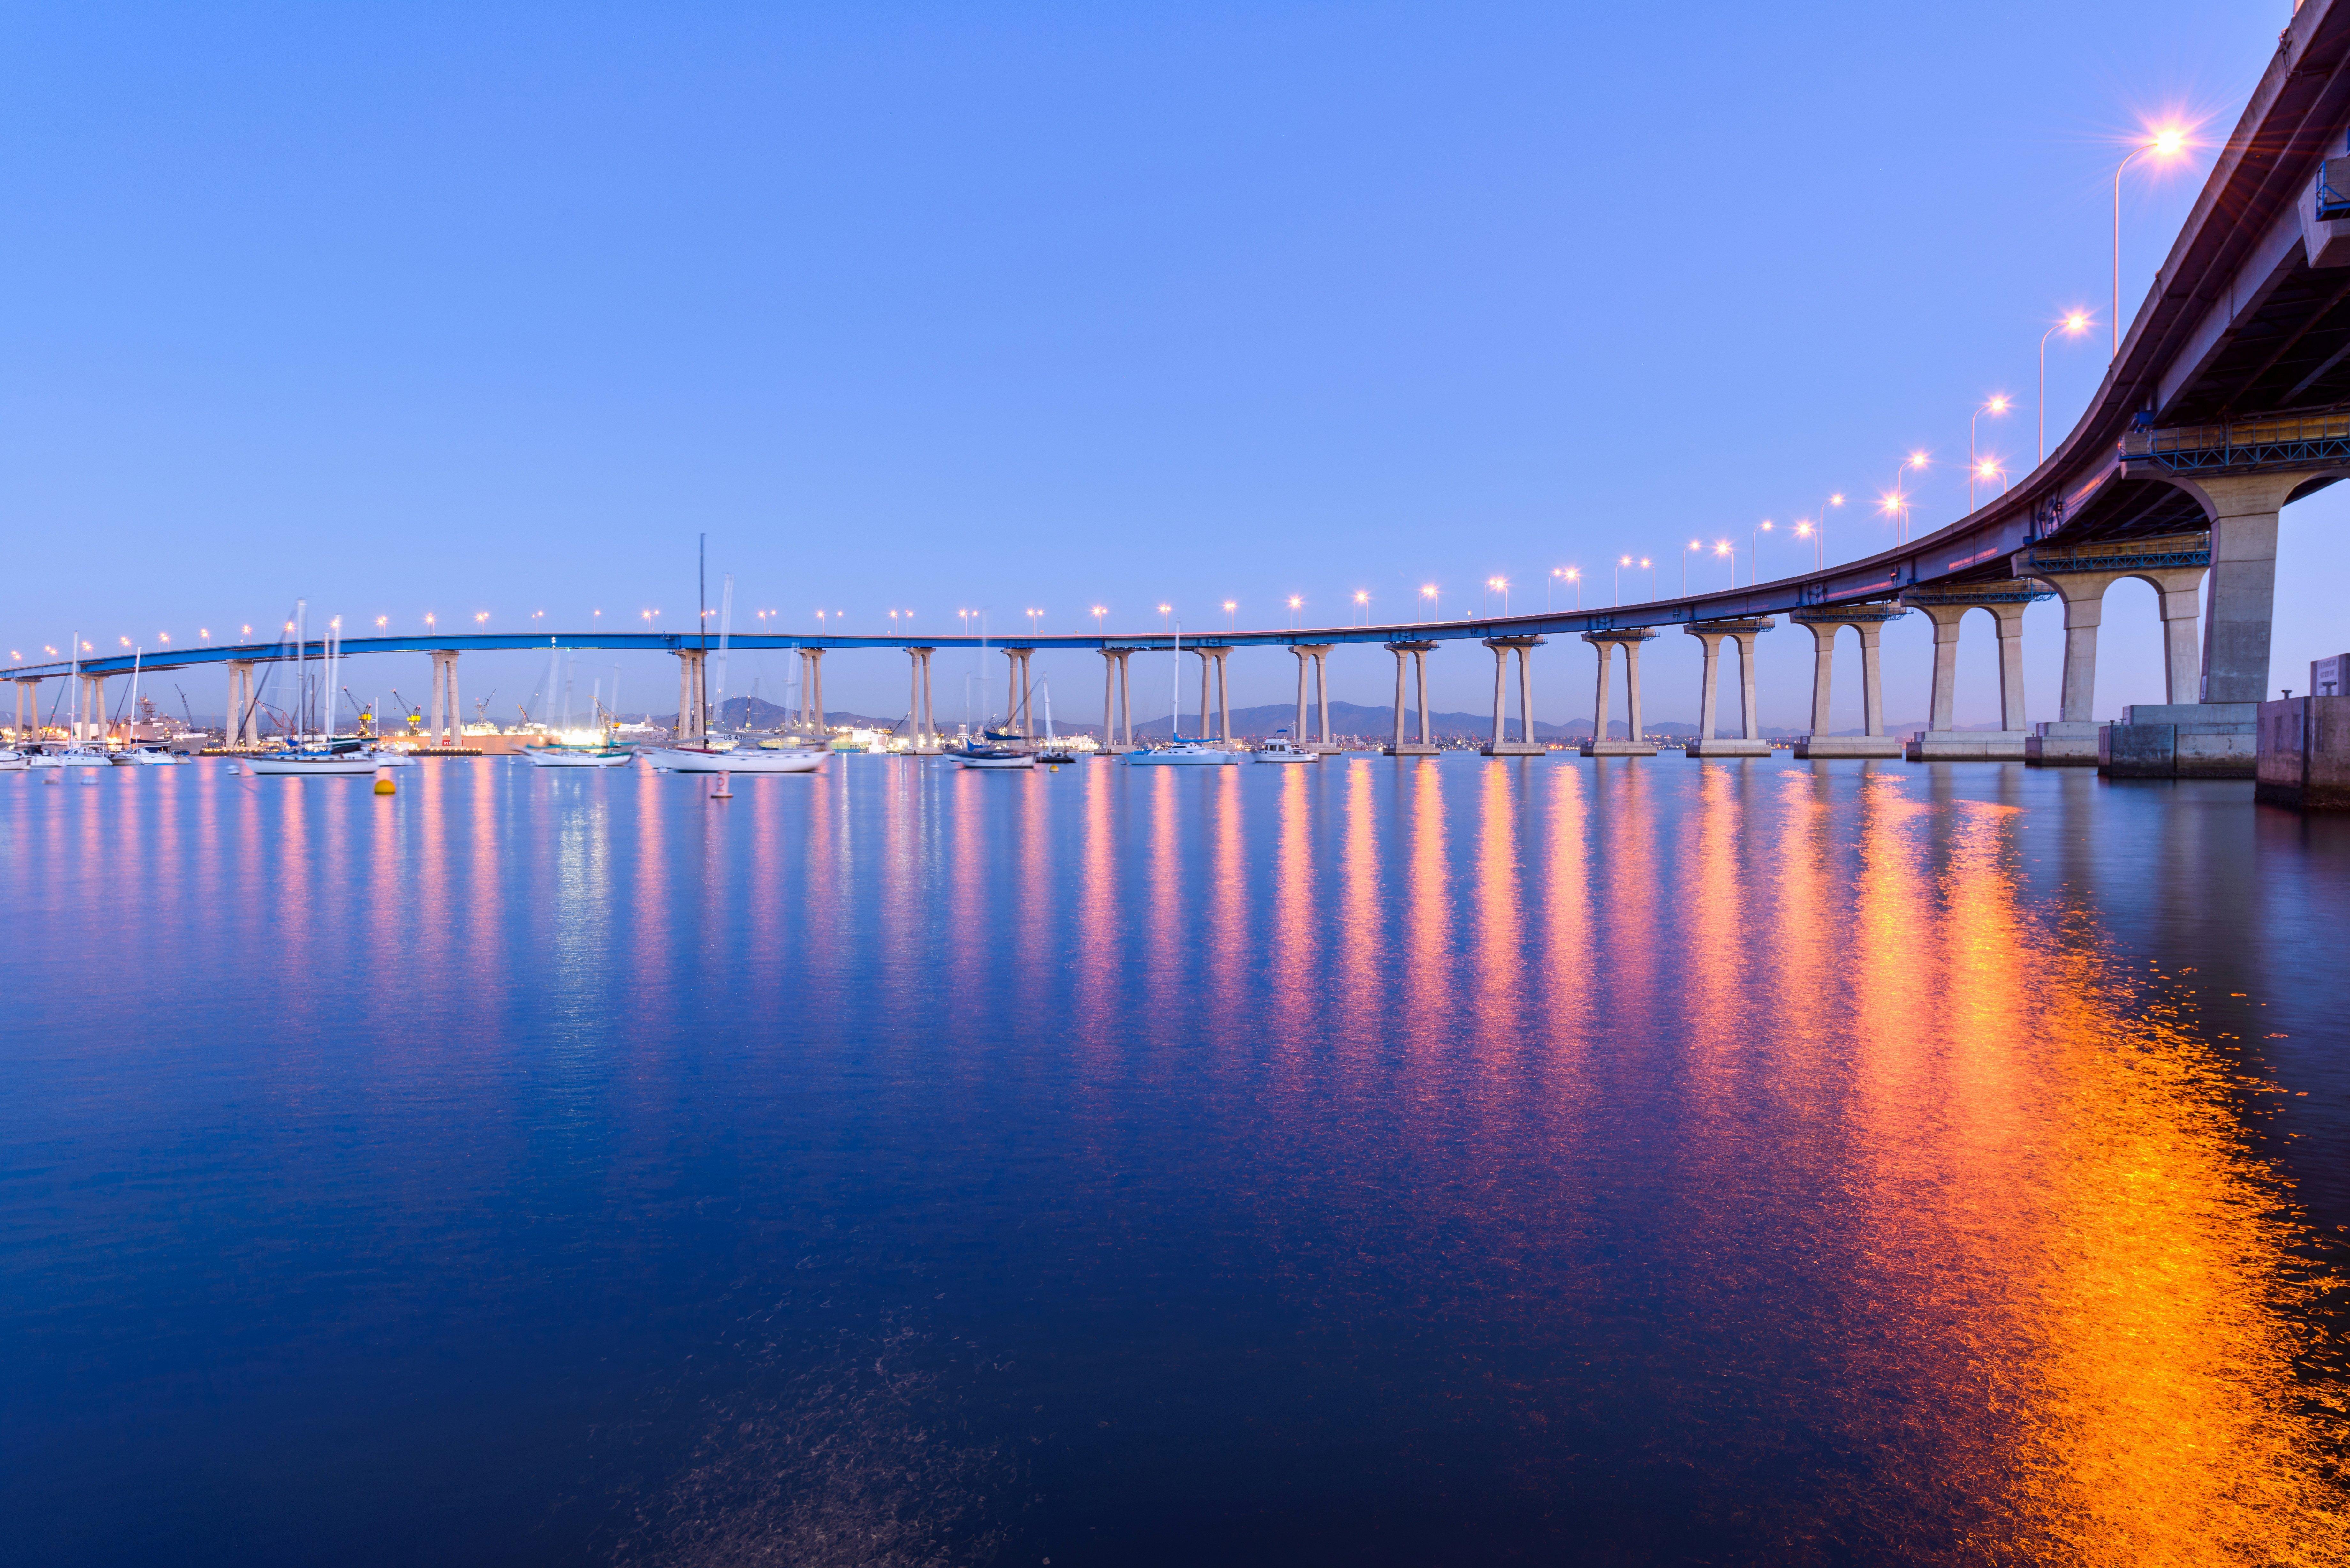 Una vista de la oscuridad del primer plano del puente de Coronado, que serpentea sobre la tranquila bahía de San Diego, en San Diego, California, EE. UU. Fuente: Shutterstock